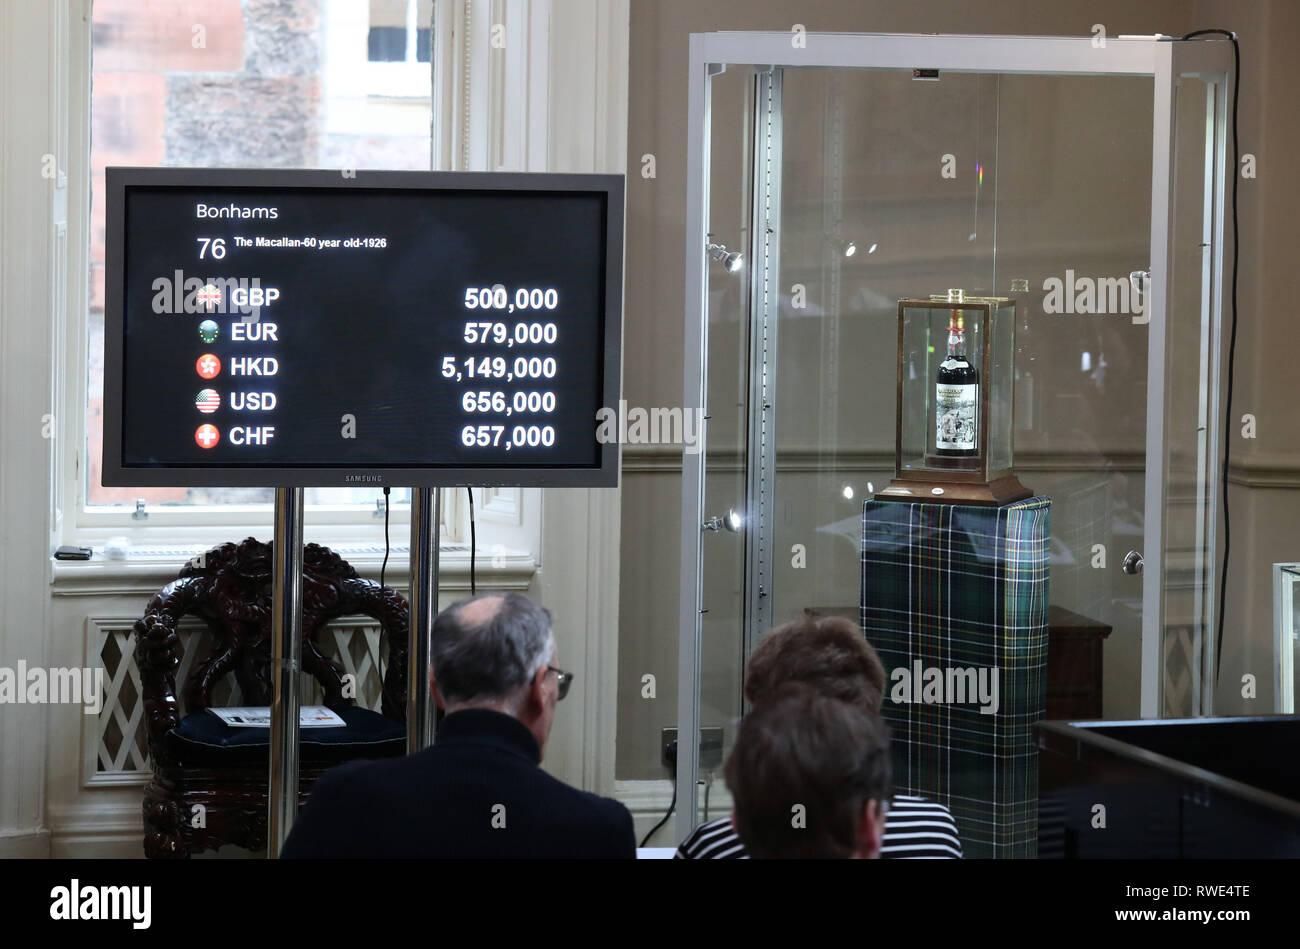 Une vue générale de la 60-year-old whisky Macallan, avec une rare étiquette de Sir Peter Blake, qui a vendu pour 615 063 pour £à la vente aux enchères Bonhams à Édimbourg. Photo Stock